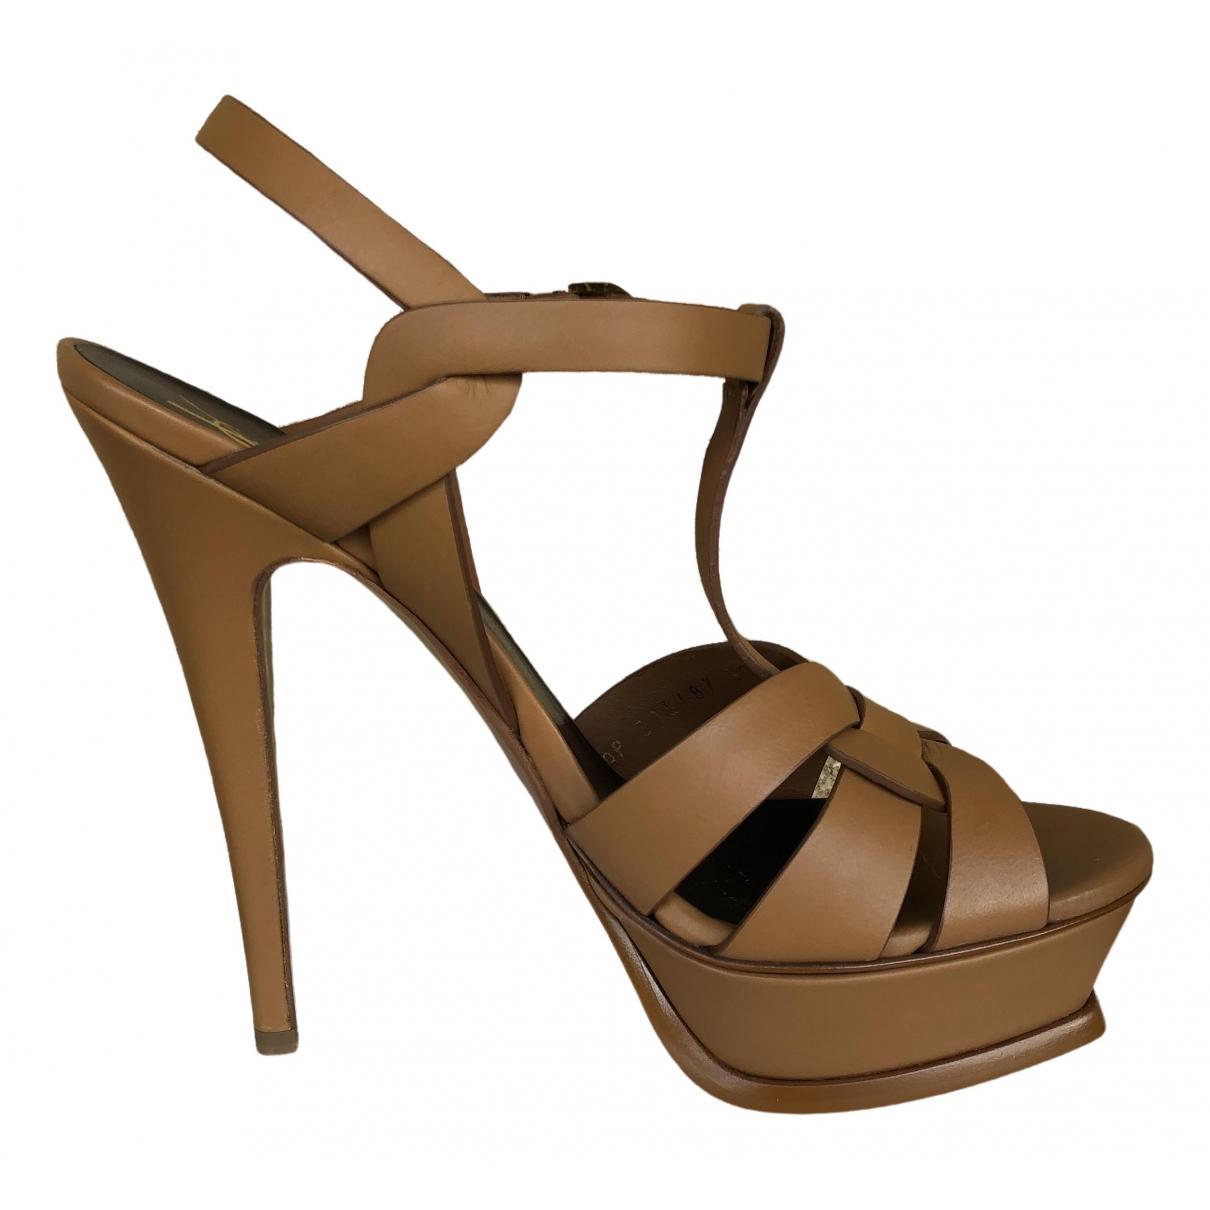 Saint Laurent Tribute Camel Leather Sandals for Women 38 EU